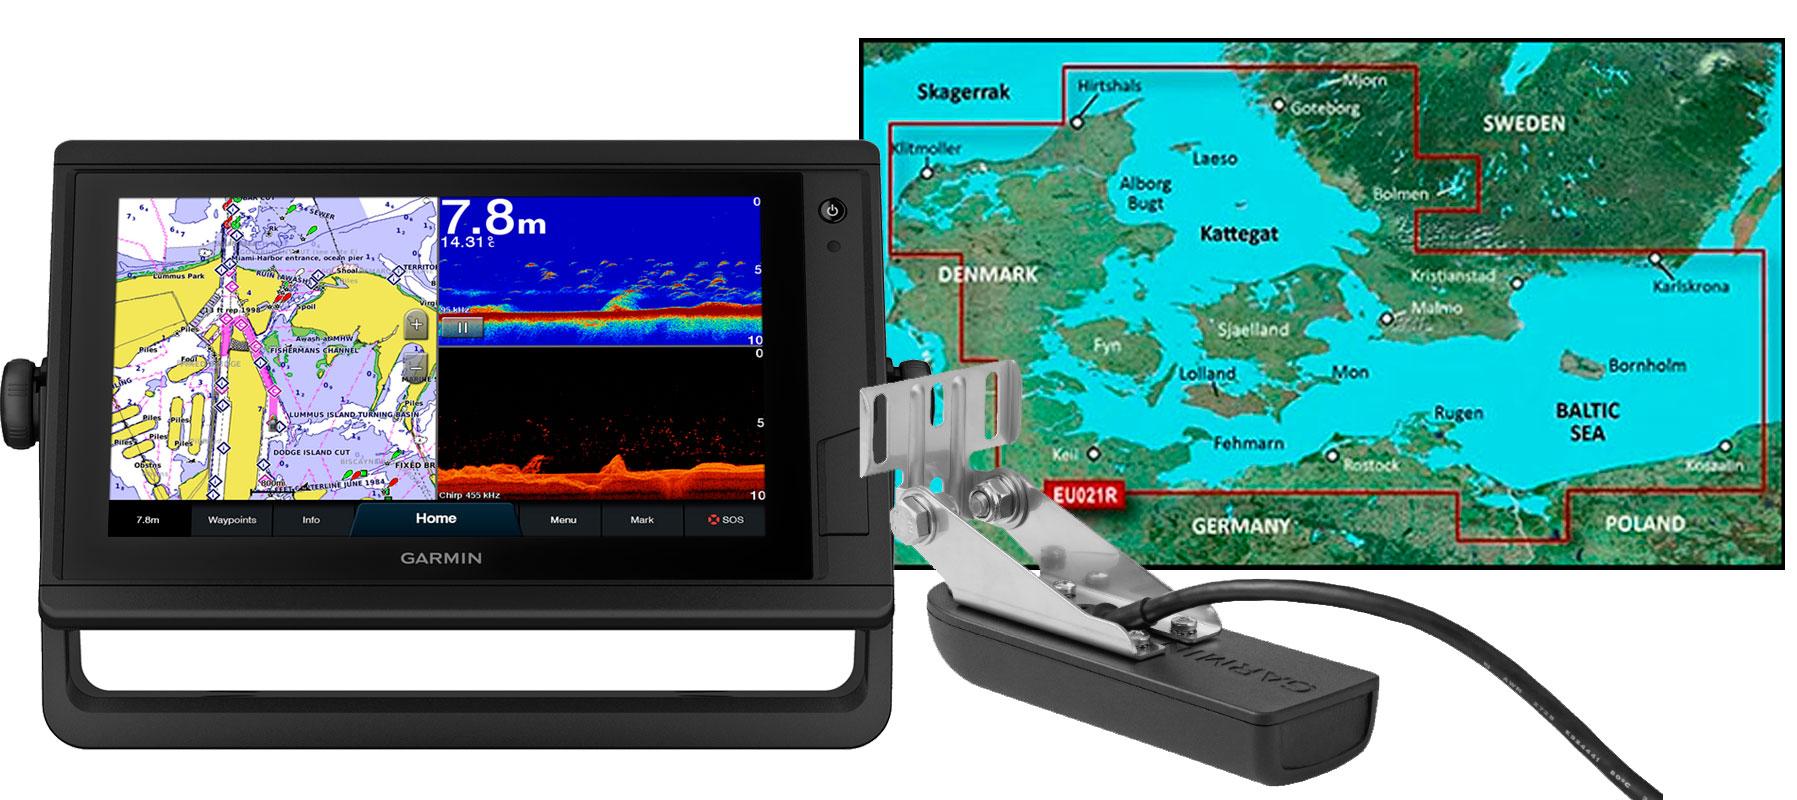 Garmin GPSmap 922xs PLUS, HXEU021R og GT22HW-TM